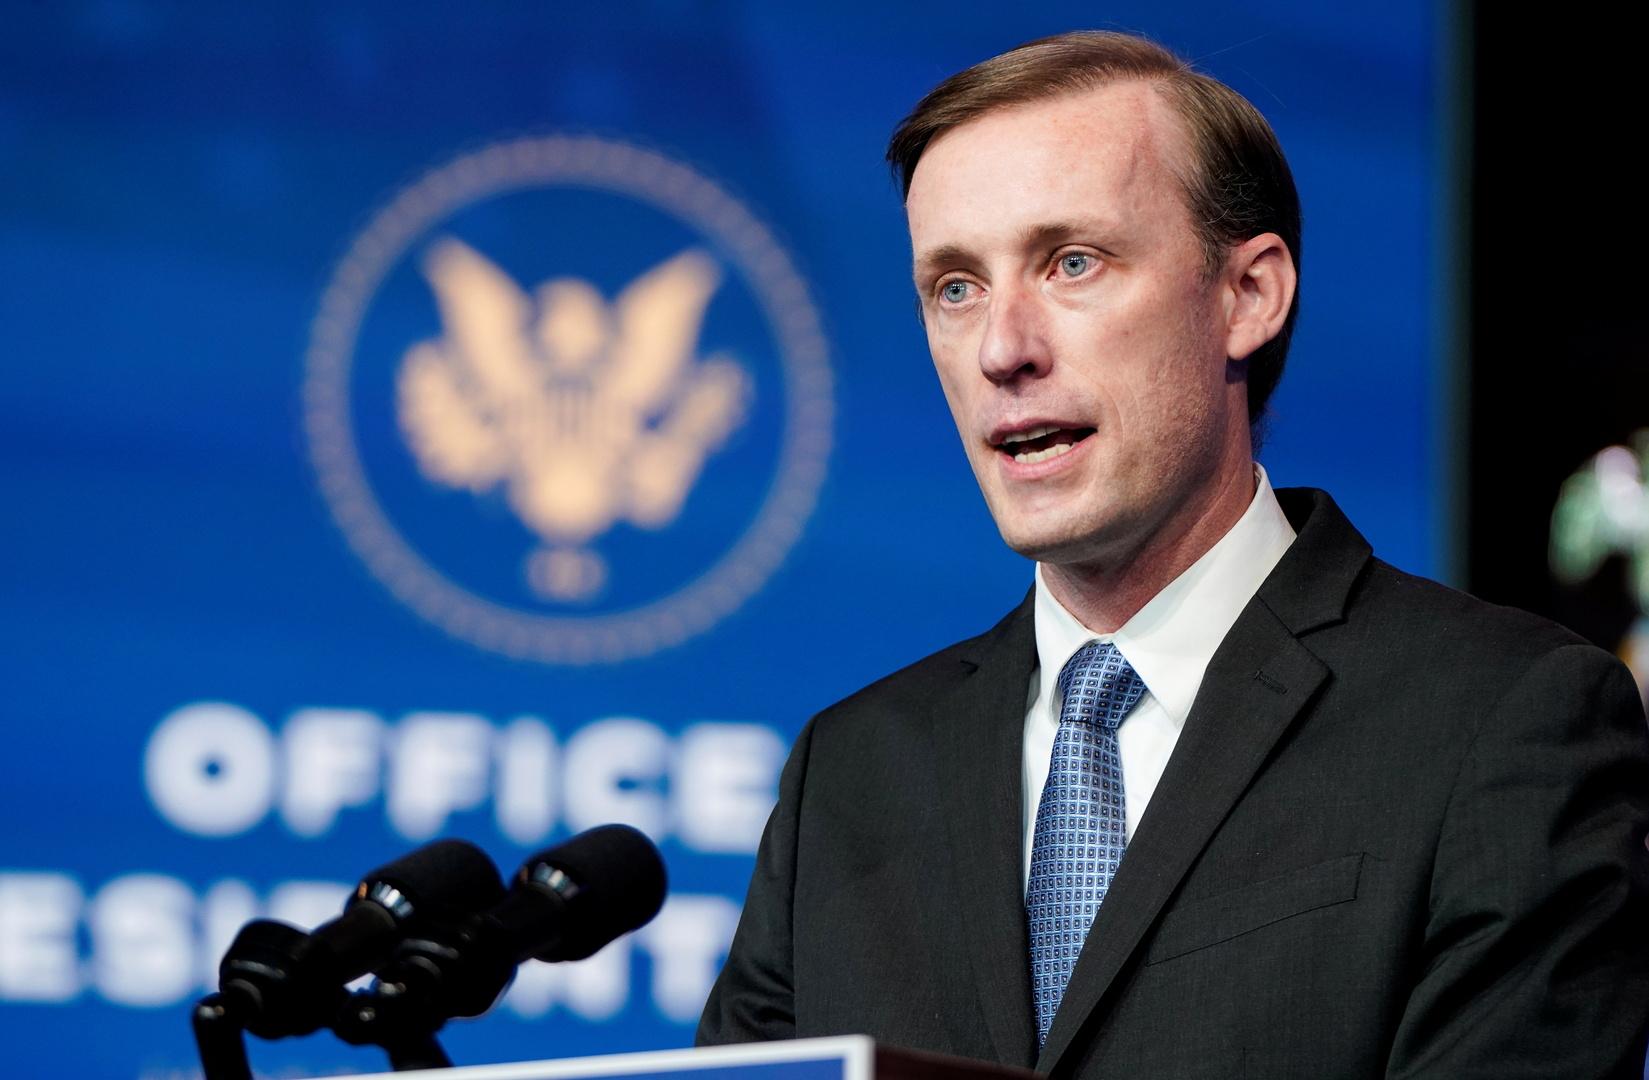 مستشار الأمن القومي الأمريكي: سنعمل مع إسرائيل بناء على اتفاقات التطبيع